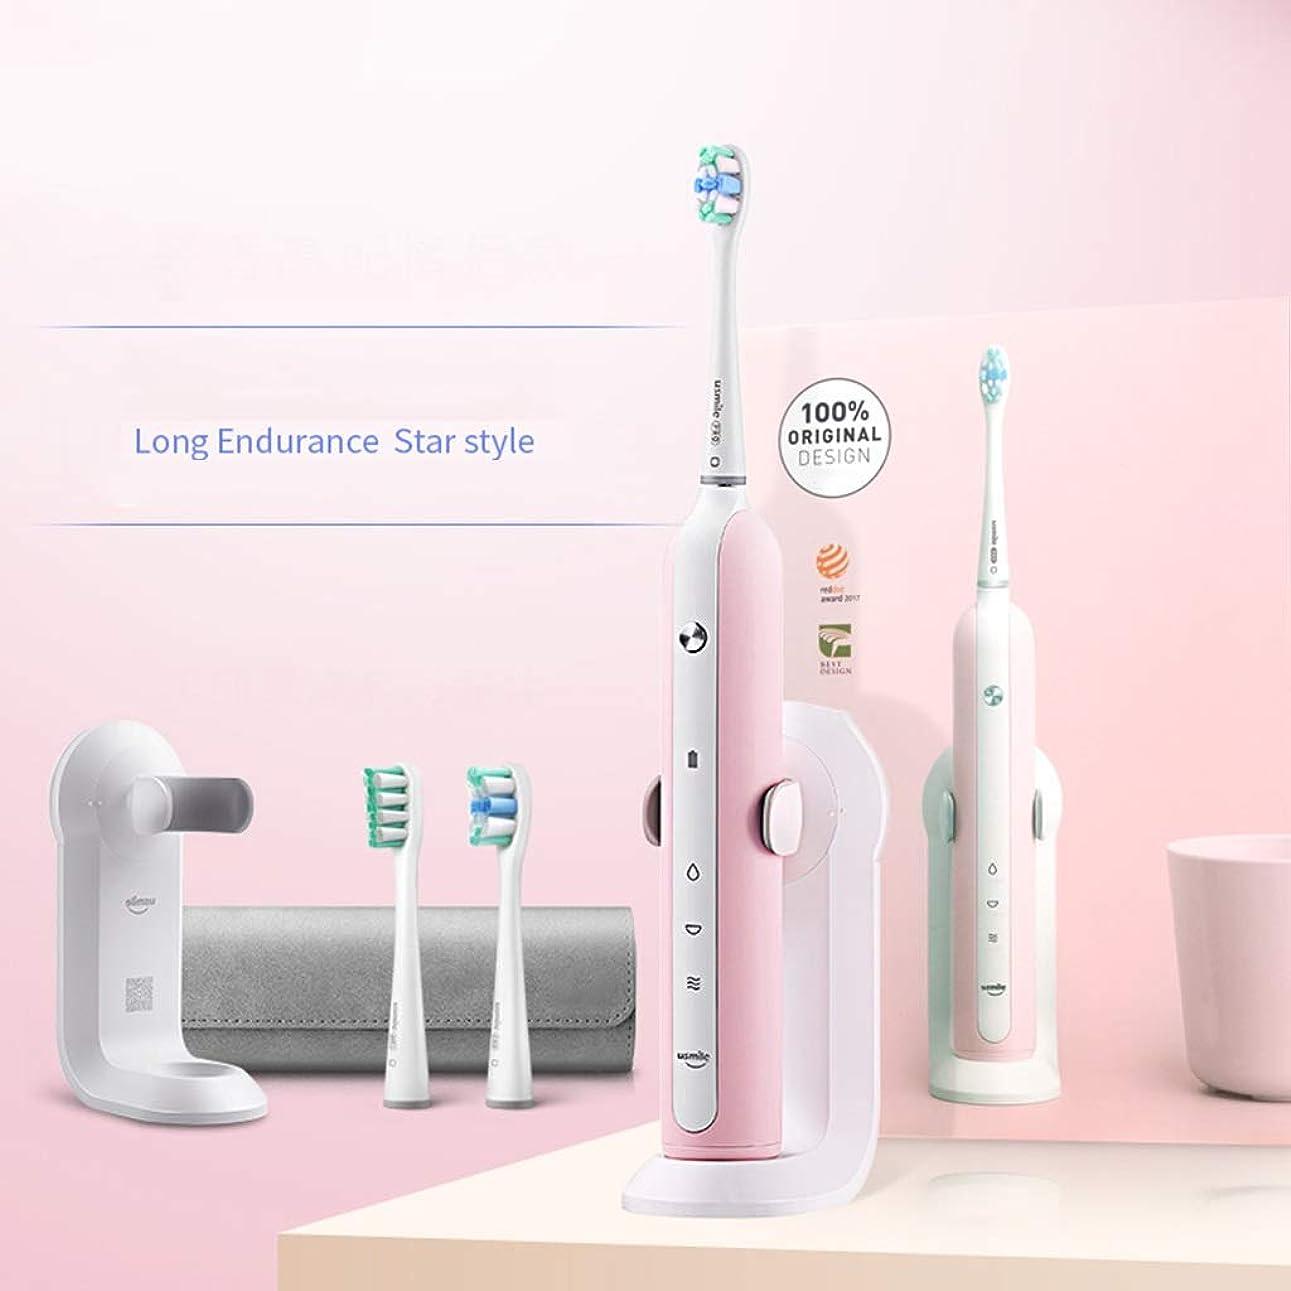 エレクトロニック端モーター電動歯ブラシ 大人の電動歯ブラシ音波振動3時間の速い充満は歯の汚れの歯ブラシを取除きます (色 : C)